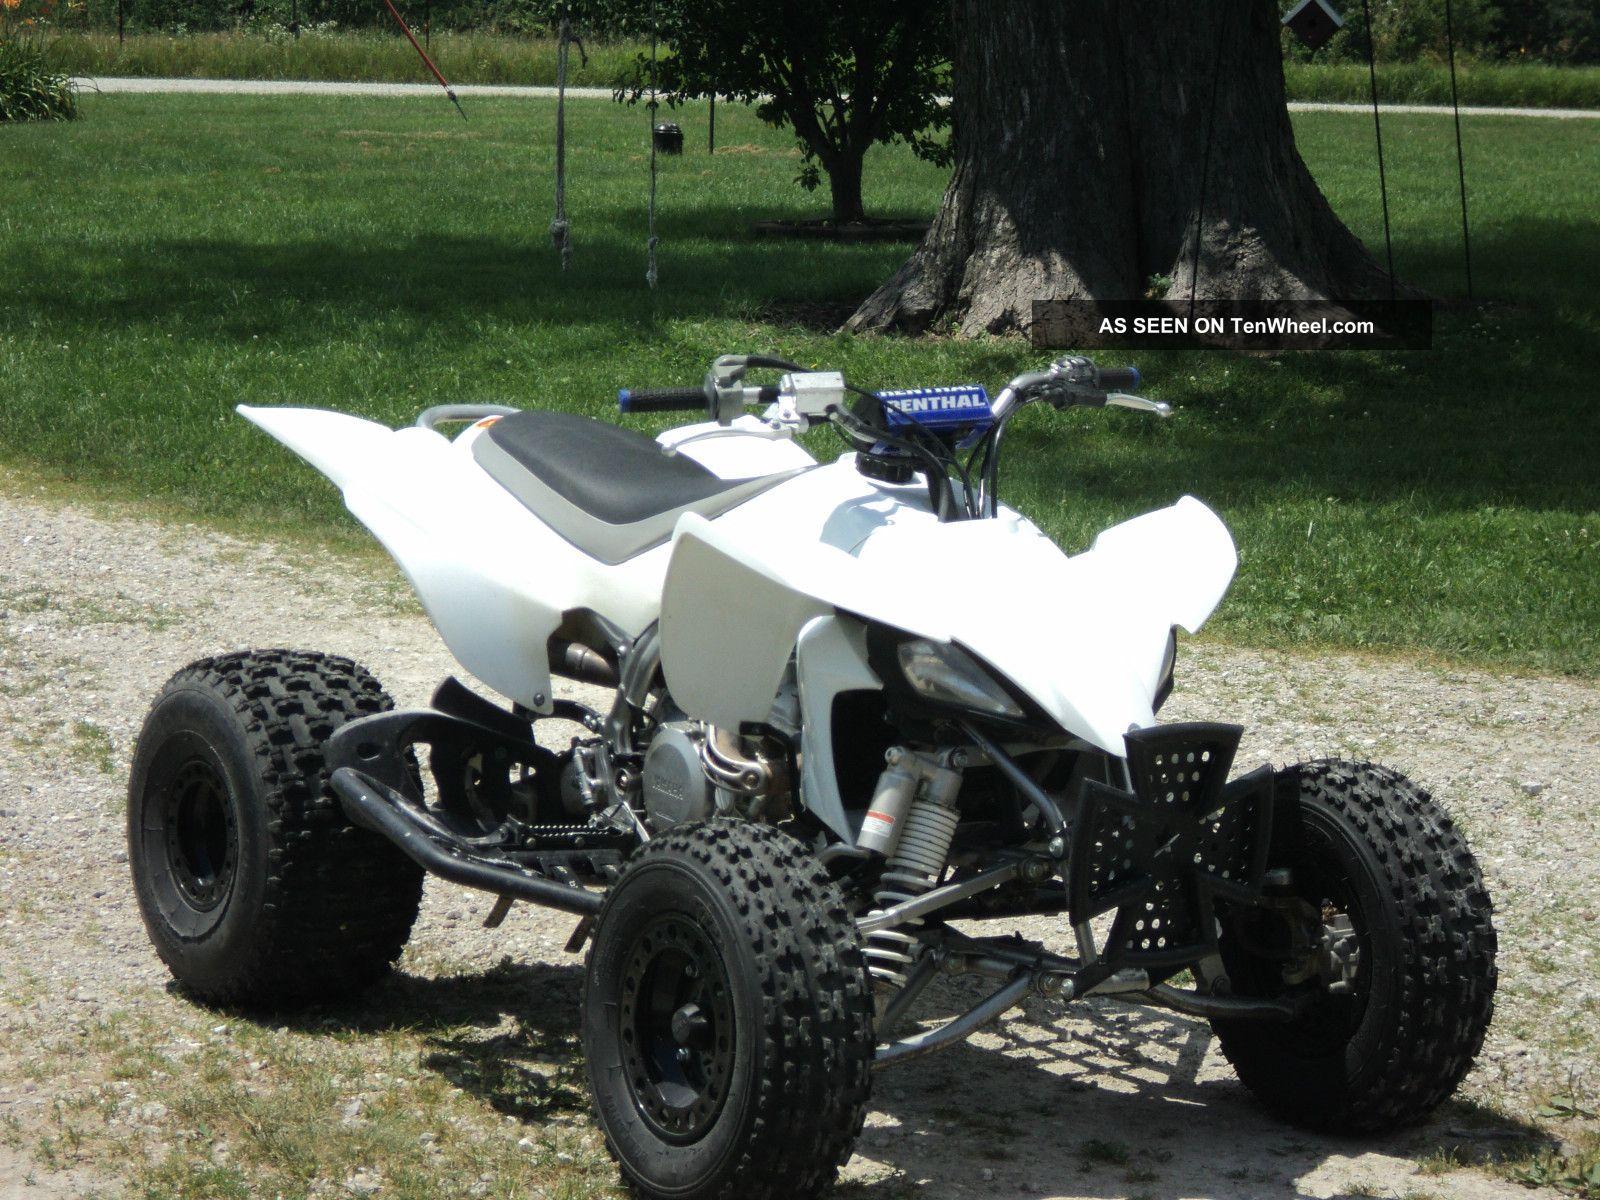 2006 Yamaha Yfz 450